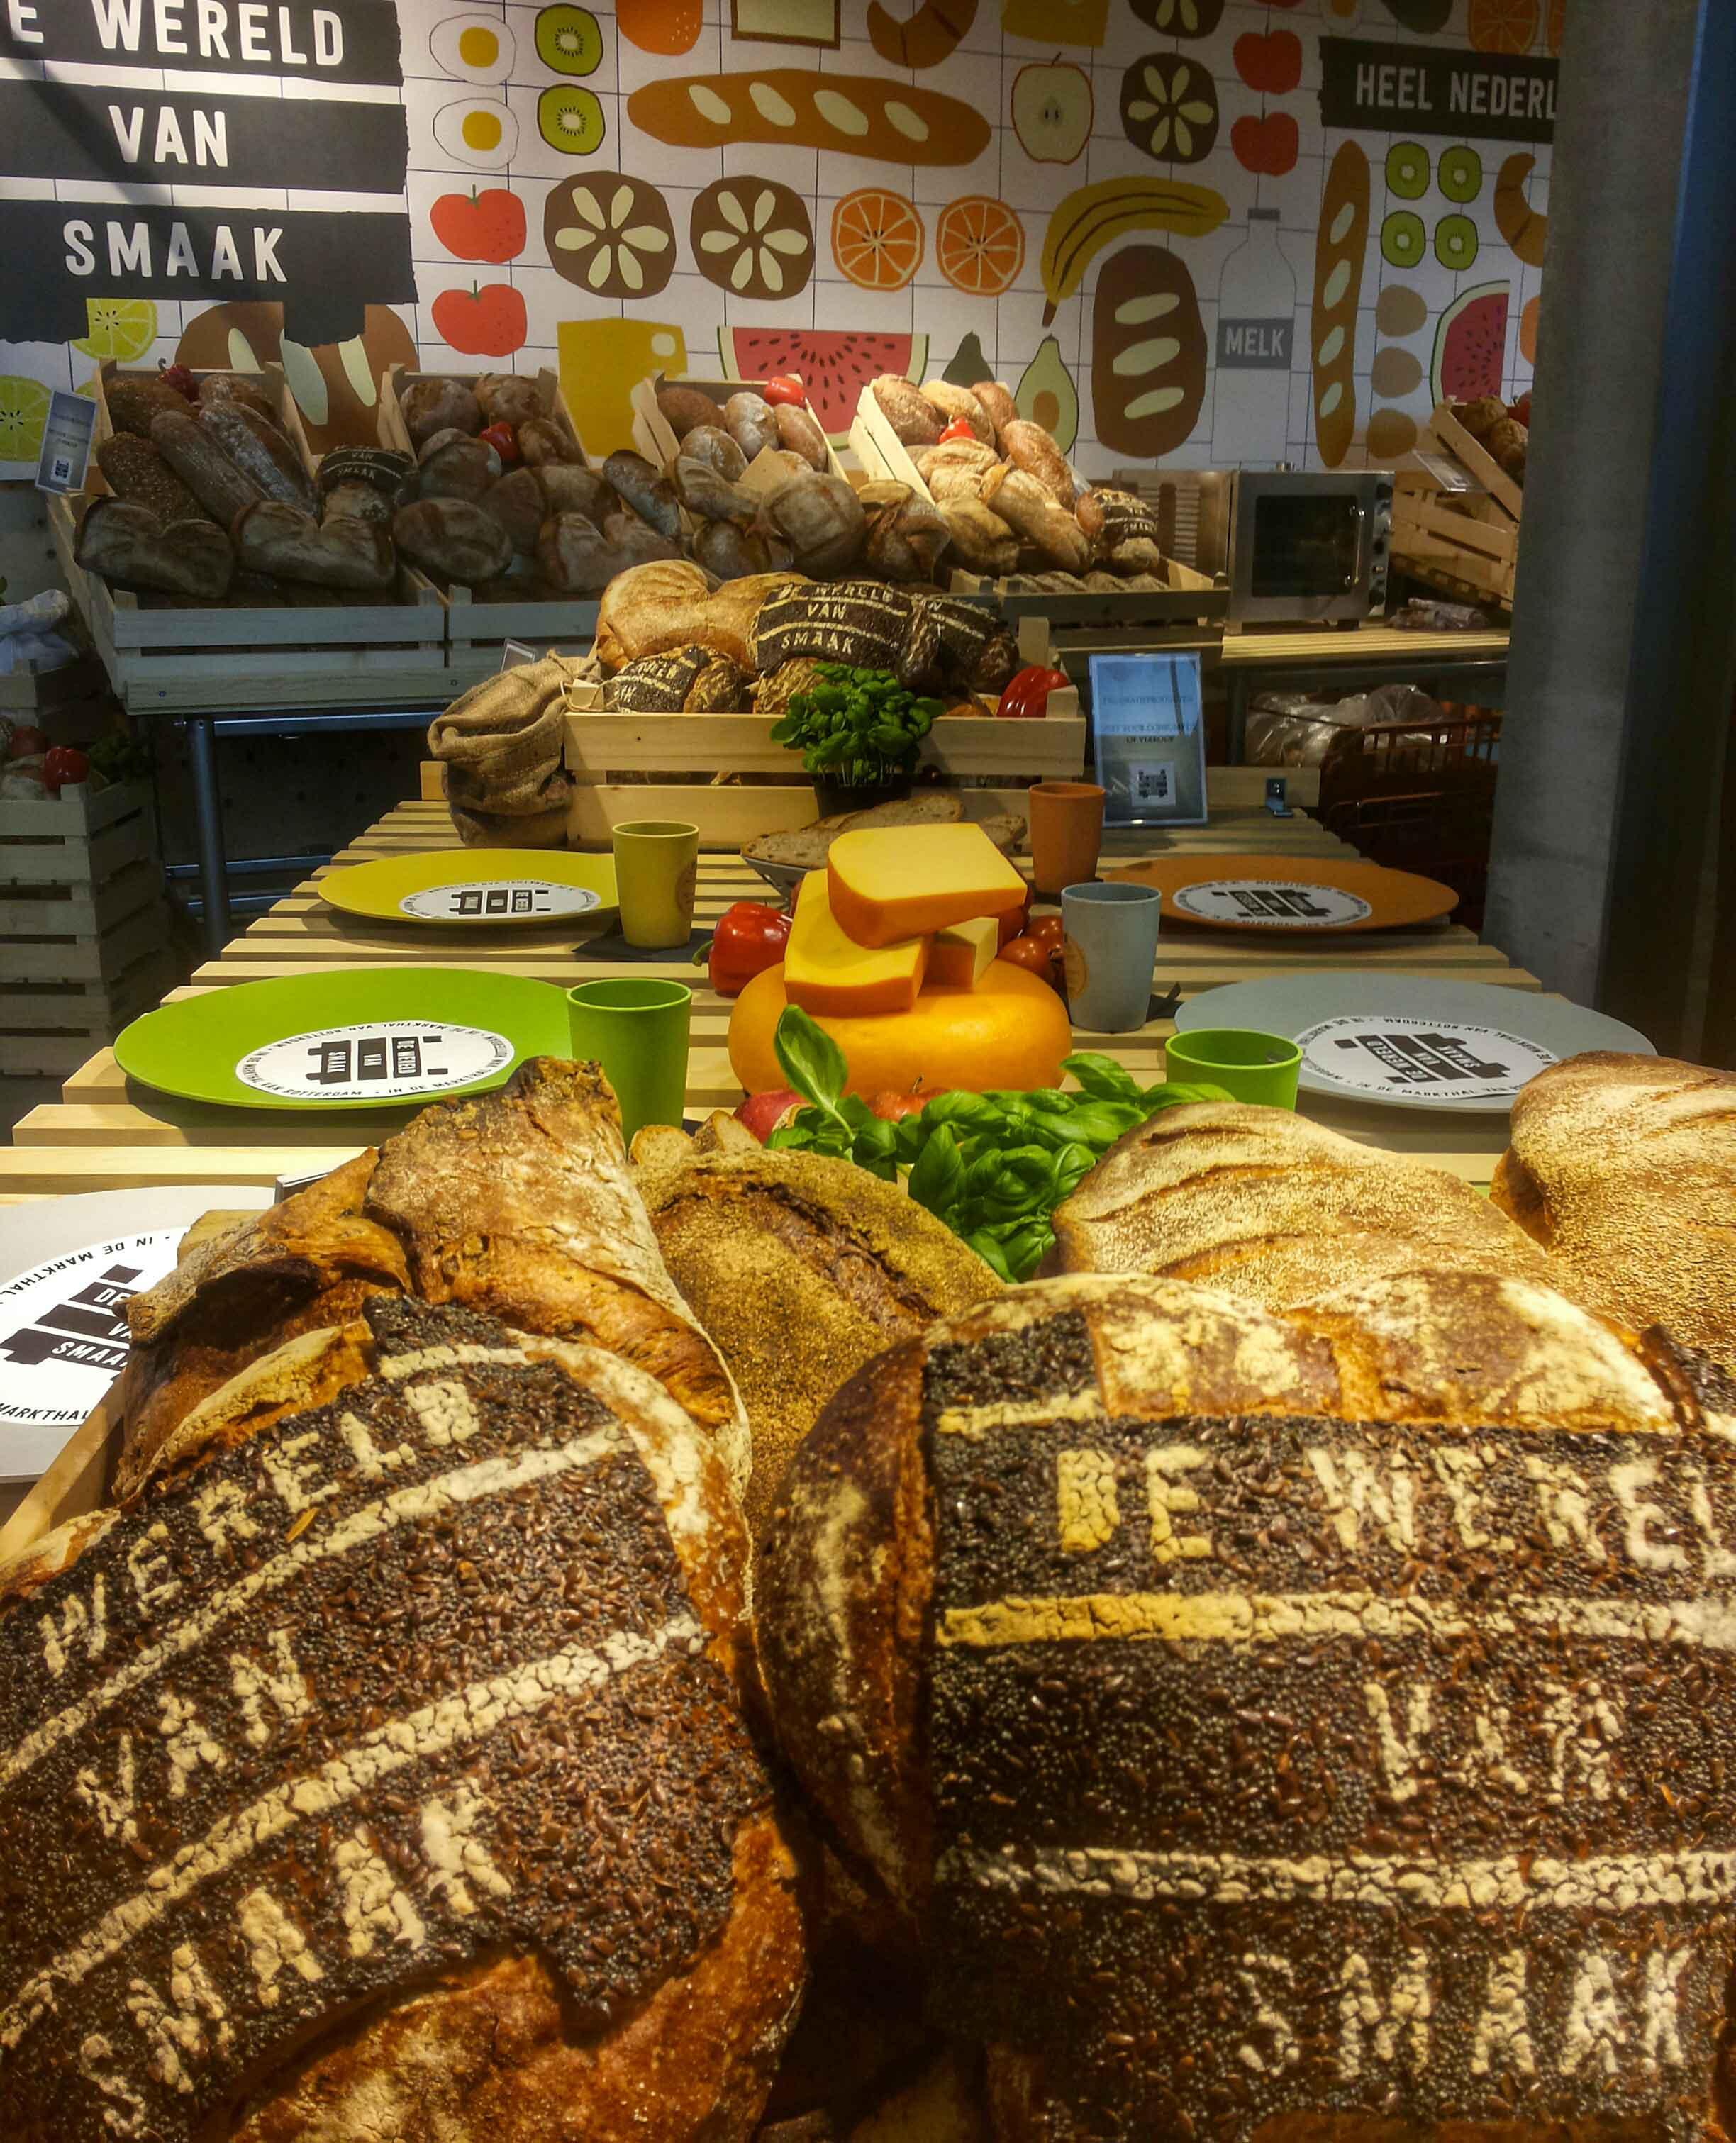 mercato coperto di rotterdam